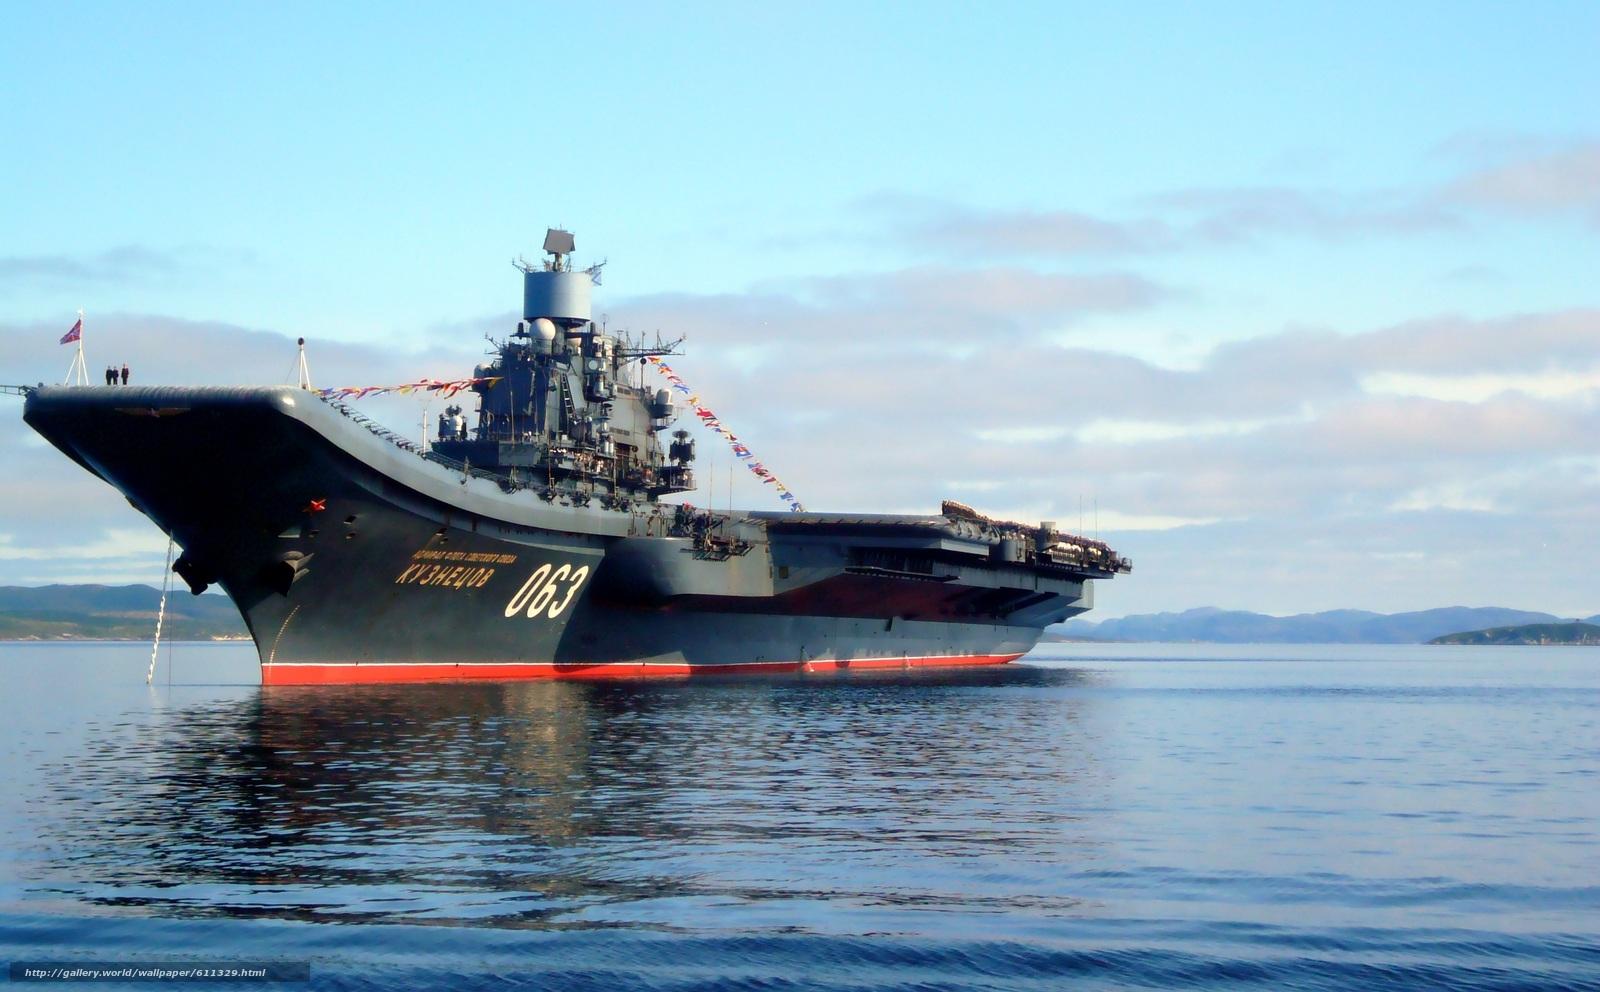 авианосец, адмирал, кузнецов, СССР, корабль, россия, флот, вмф, армия, оружие